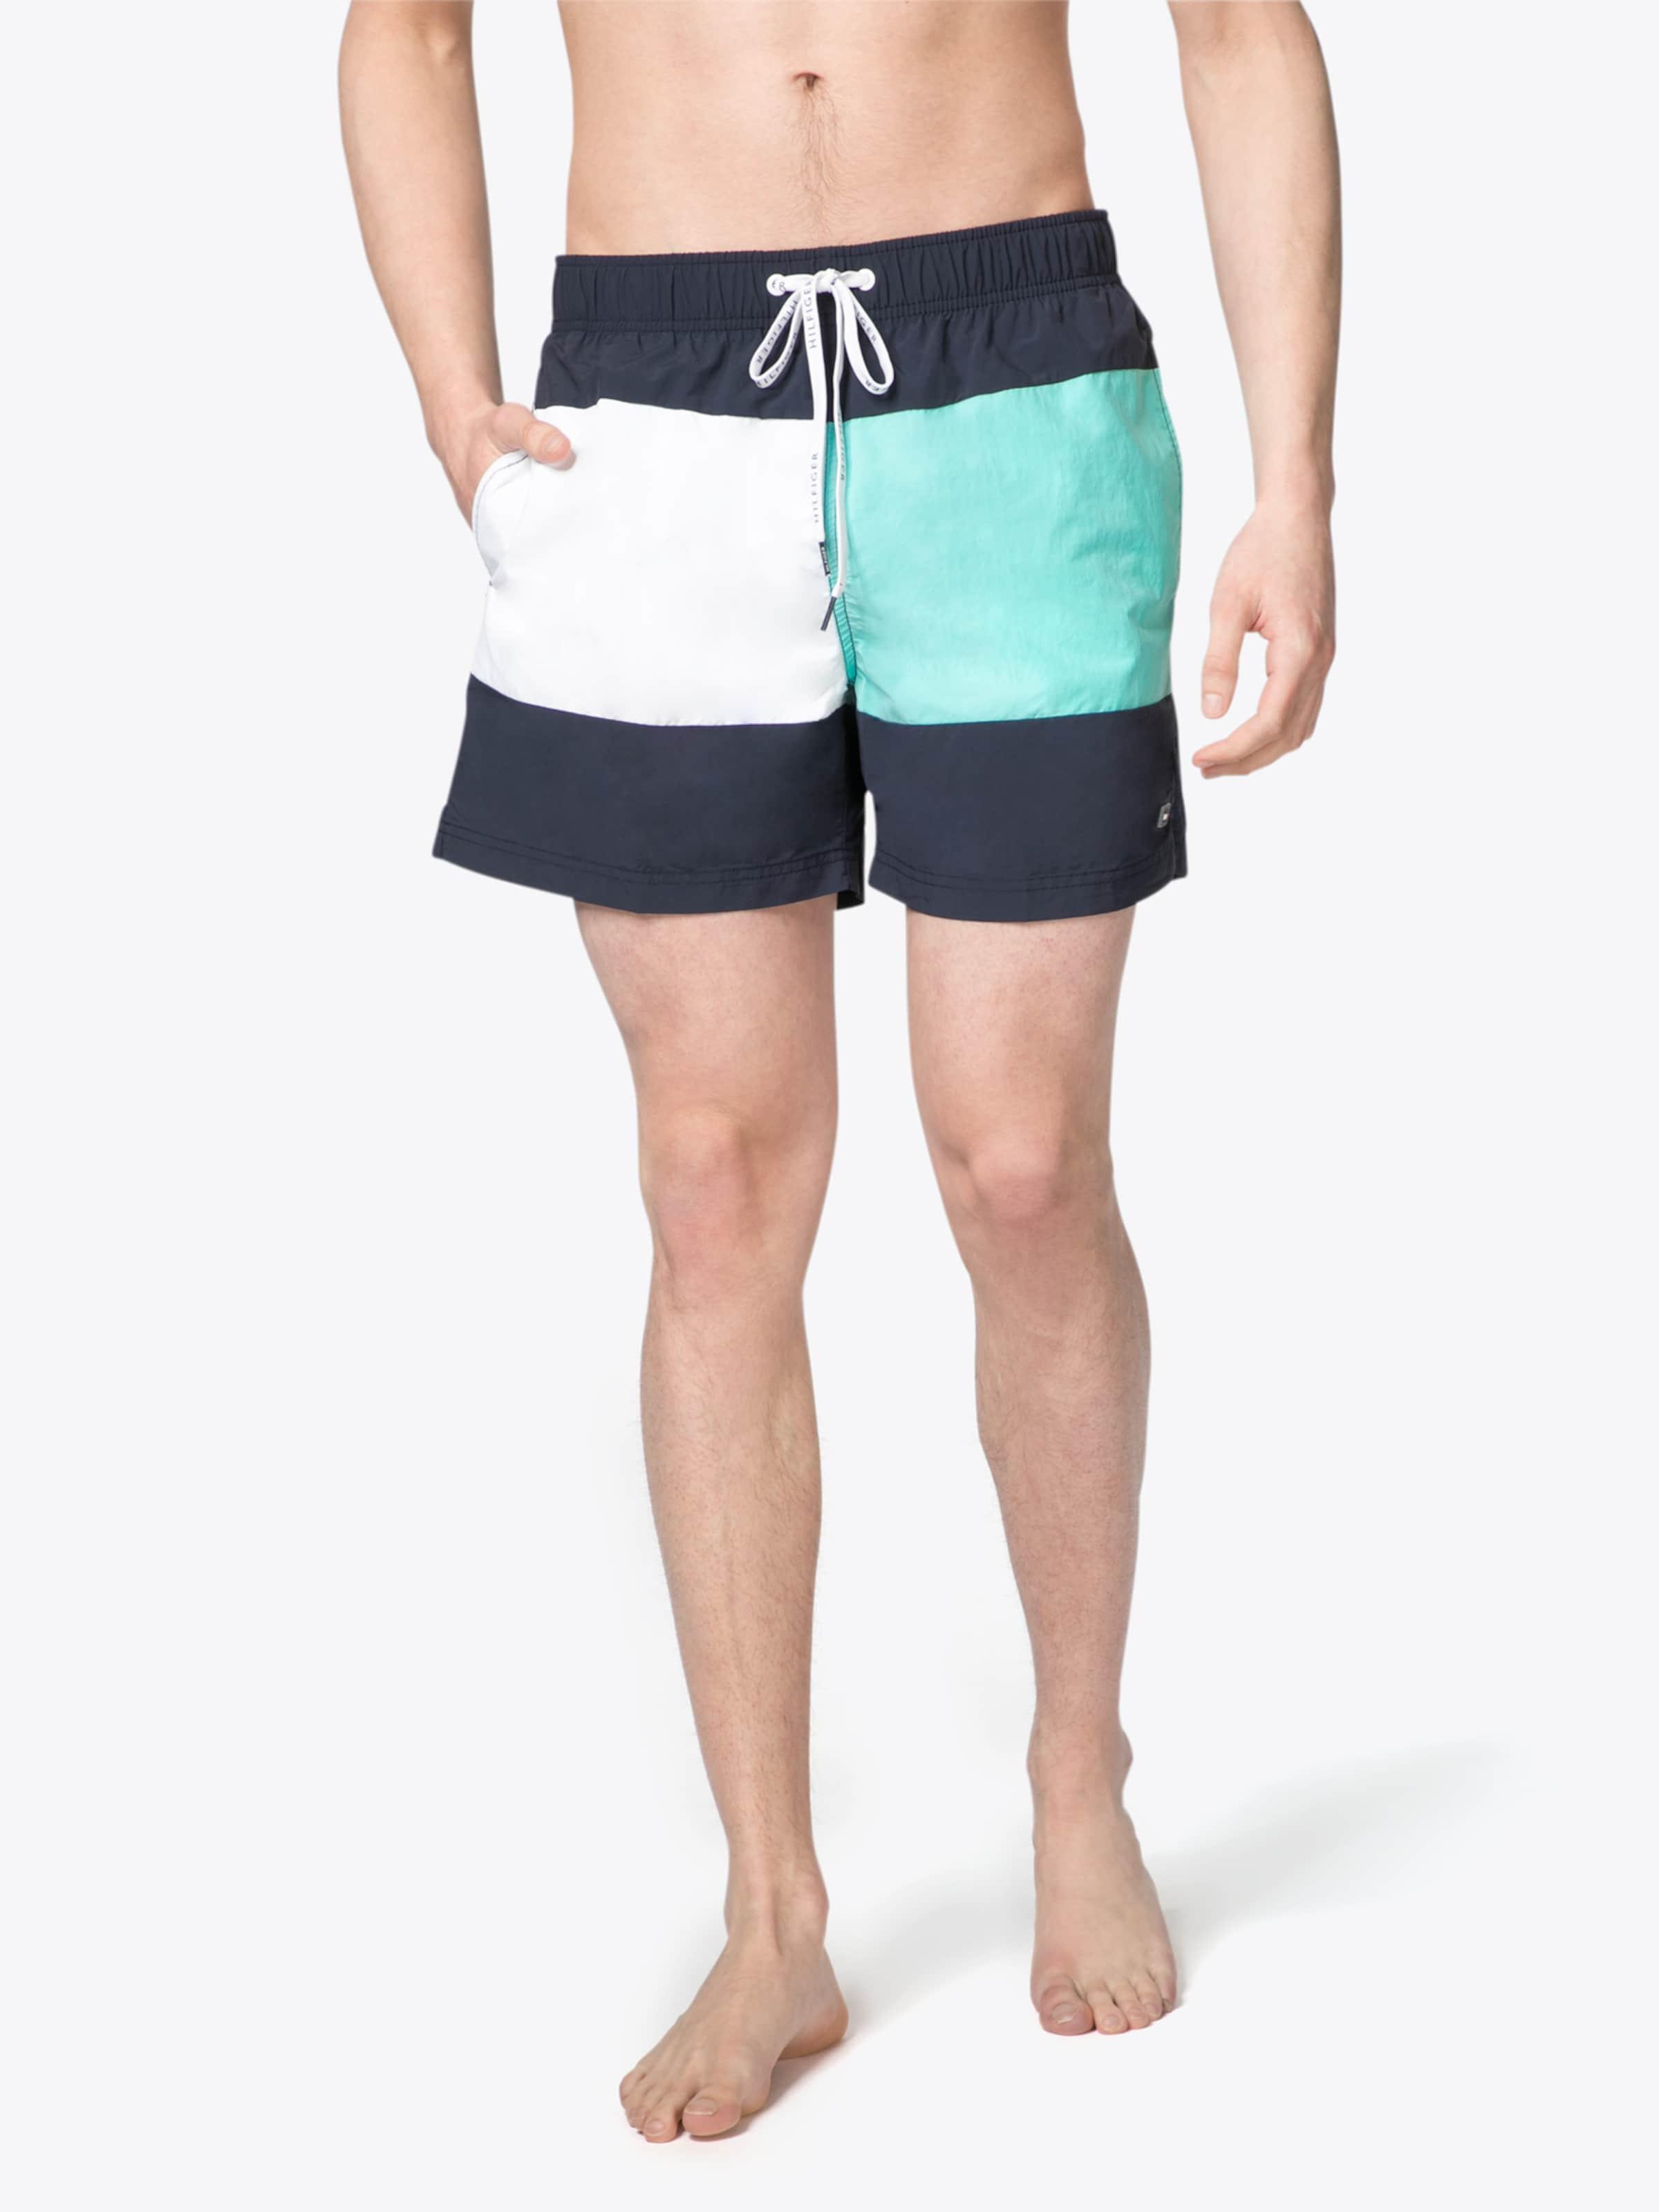 Viele Arten Von Günstiger Online Tommy Hilfiger Underwear Kurze Badeshorts 'MEDIUM DRAWSTRING' Outlet-Store Online Spielraum Sammlungen Steckdose Billig Authentisch nprmnBOr